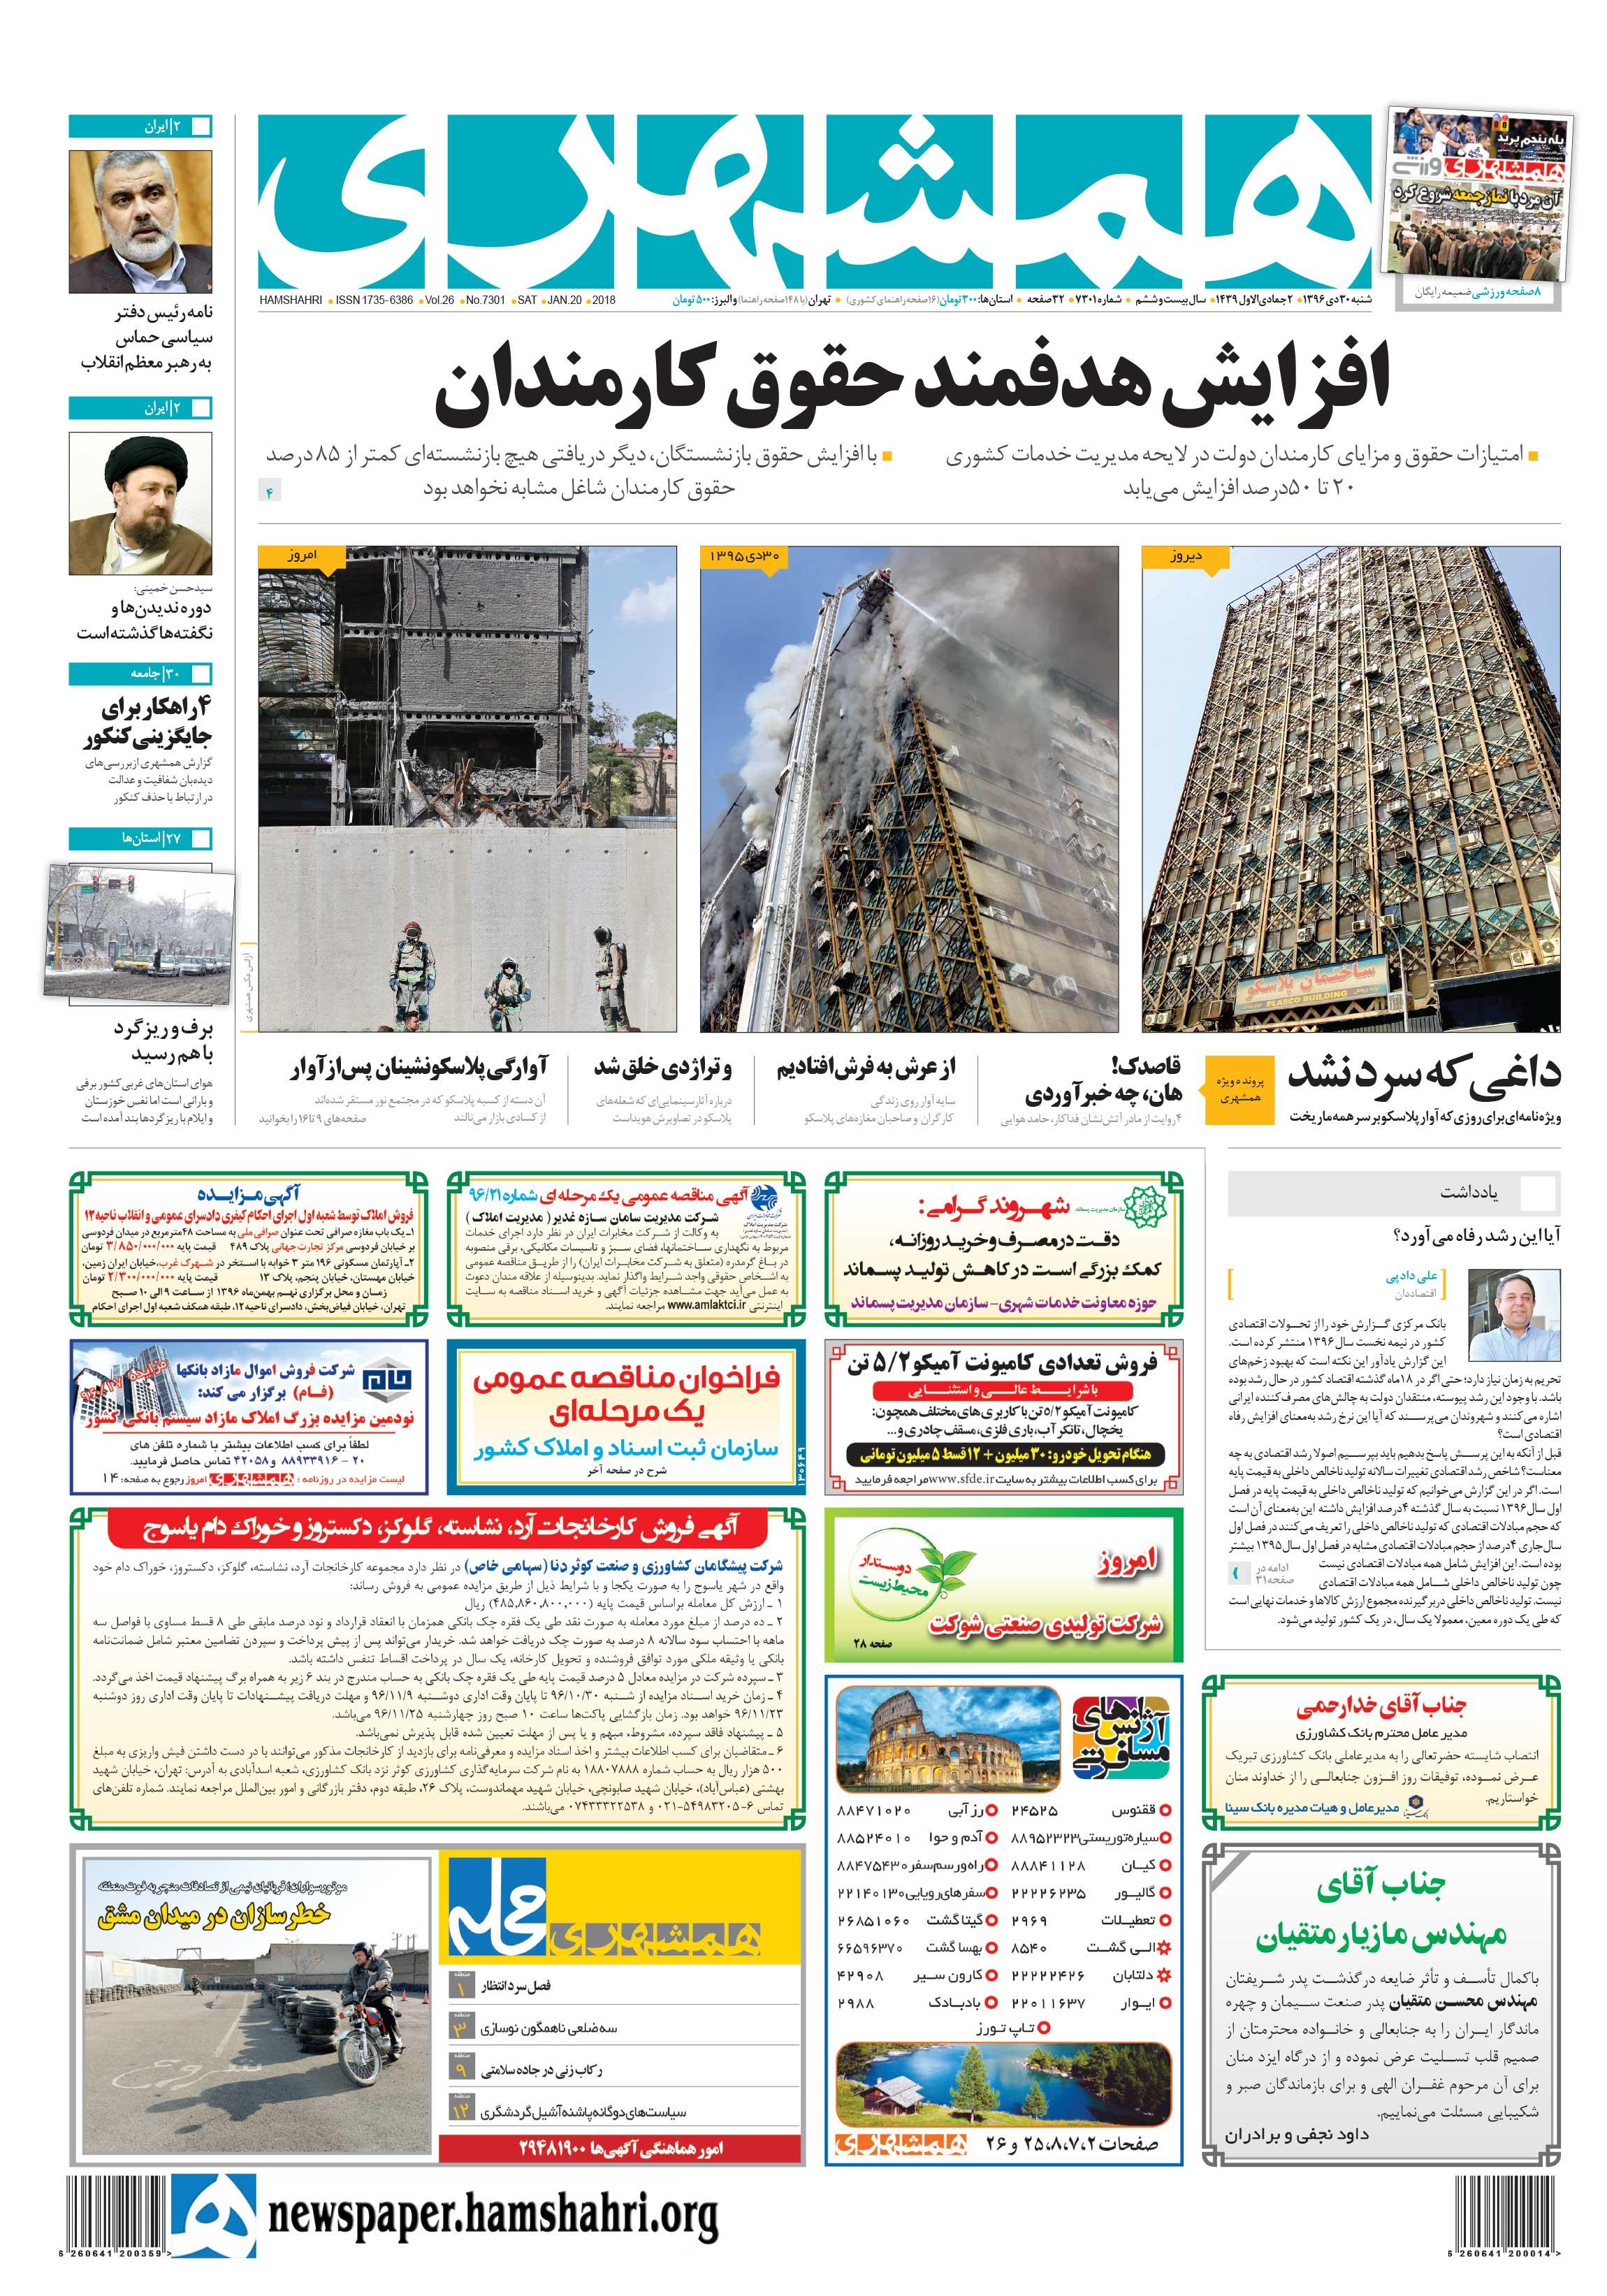 صفحه اول شنبه 30 دیماه 1396